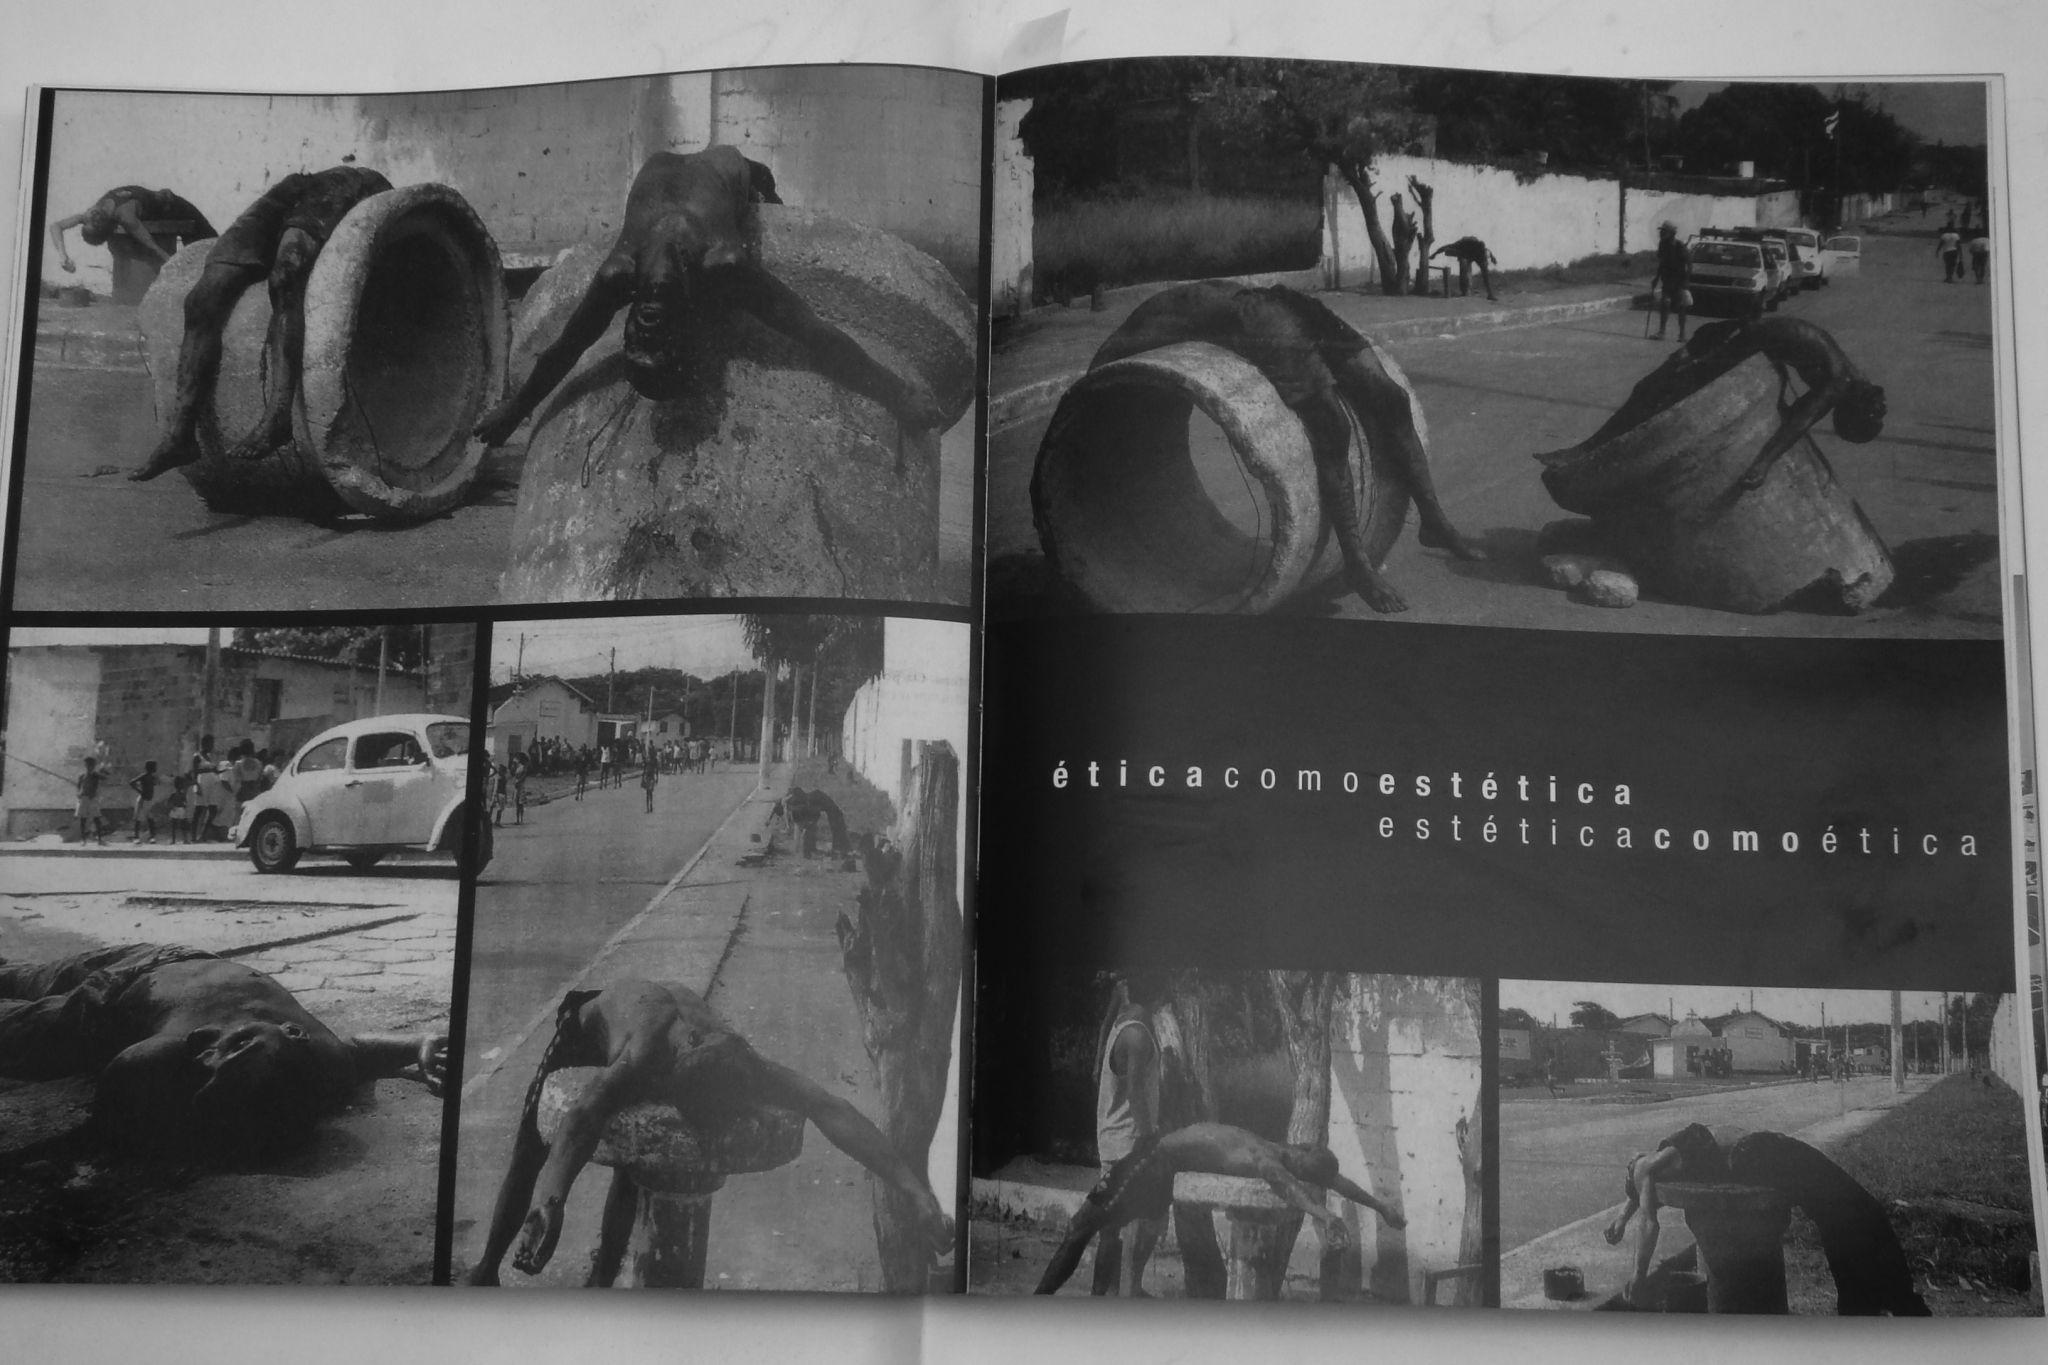 """Cildo Meireles, """"Ética como estética, estética como ética"""", 2003. Intervenção no catálogo da 50ª Bienal de Veneza."""